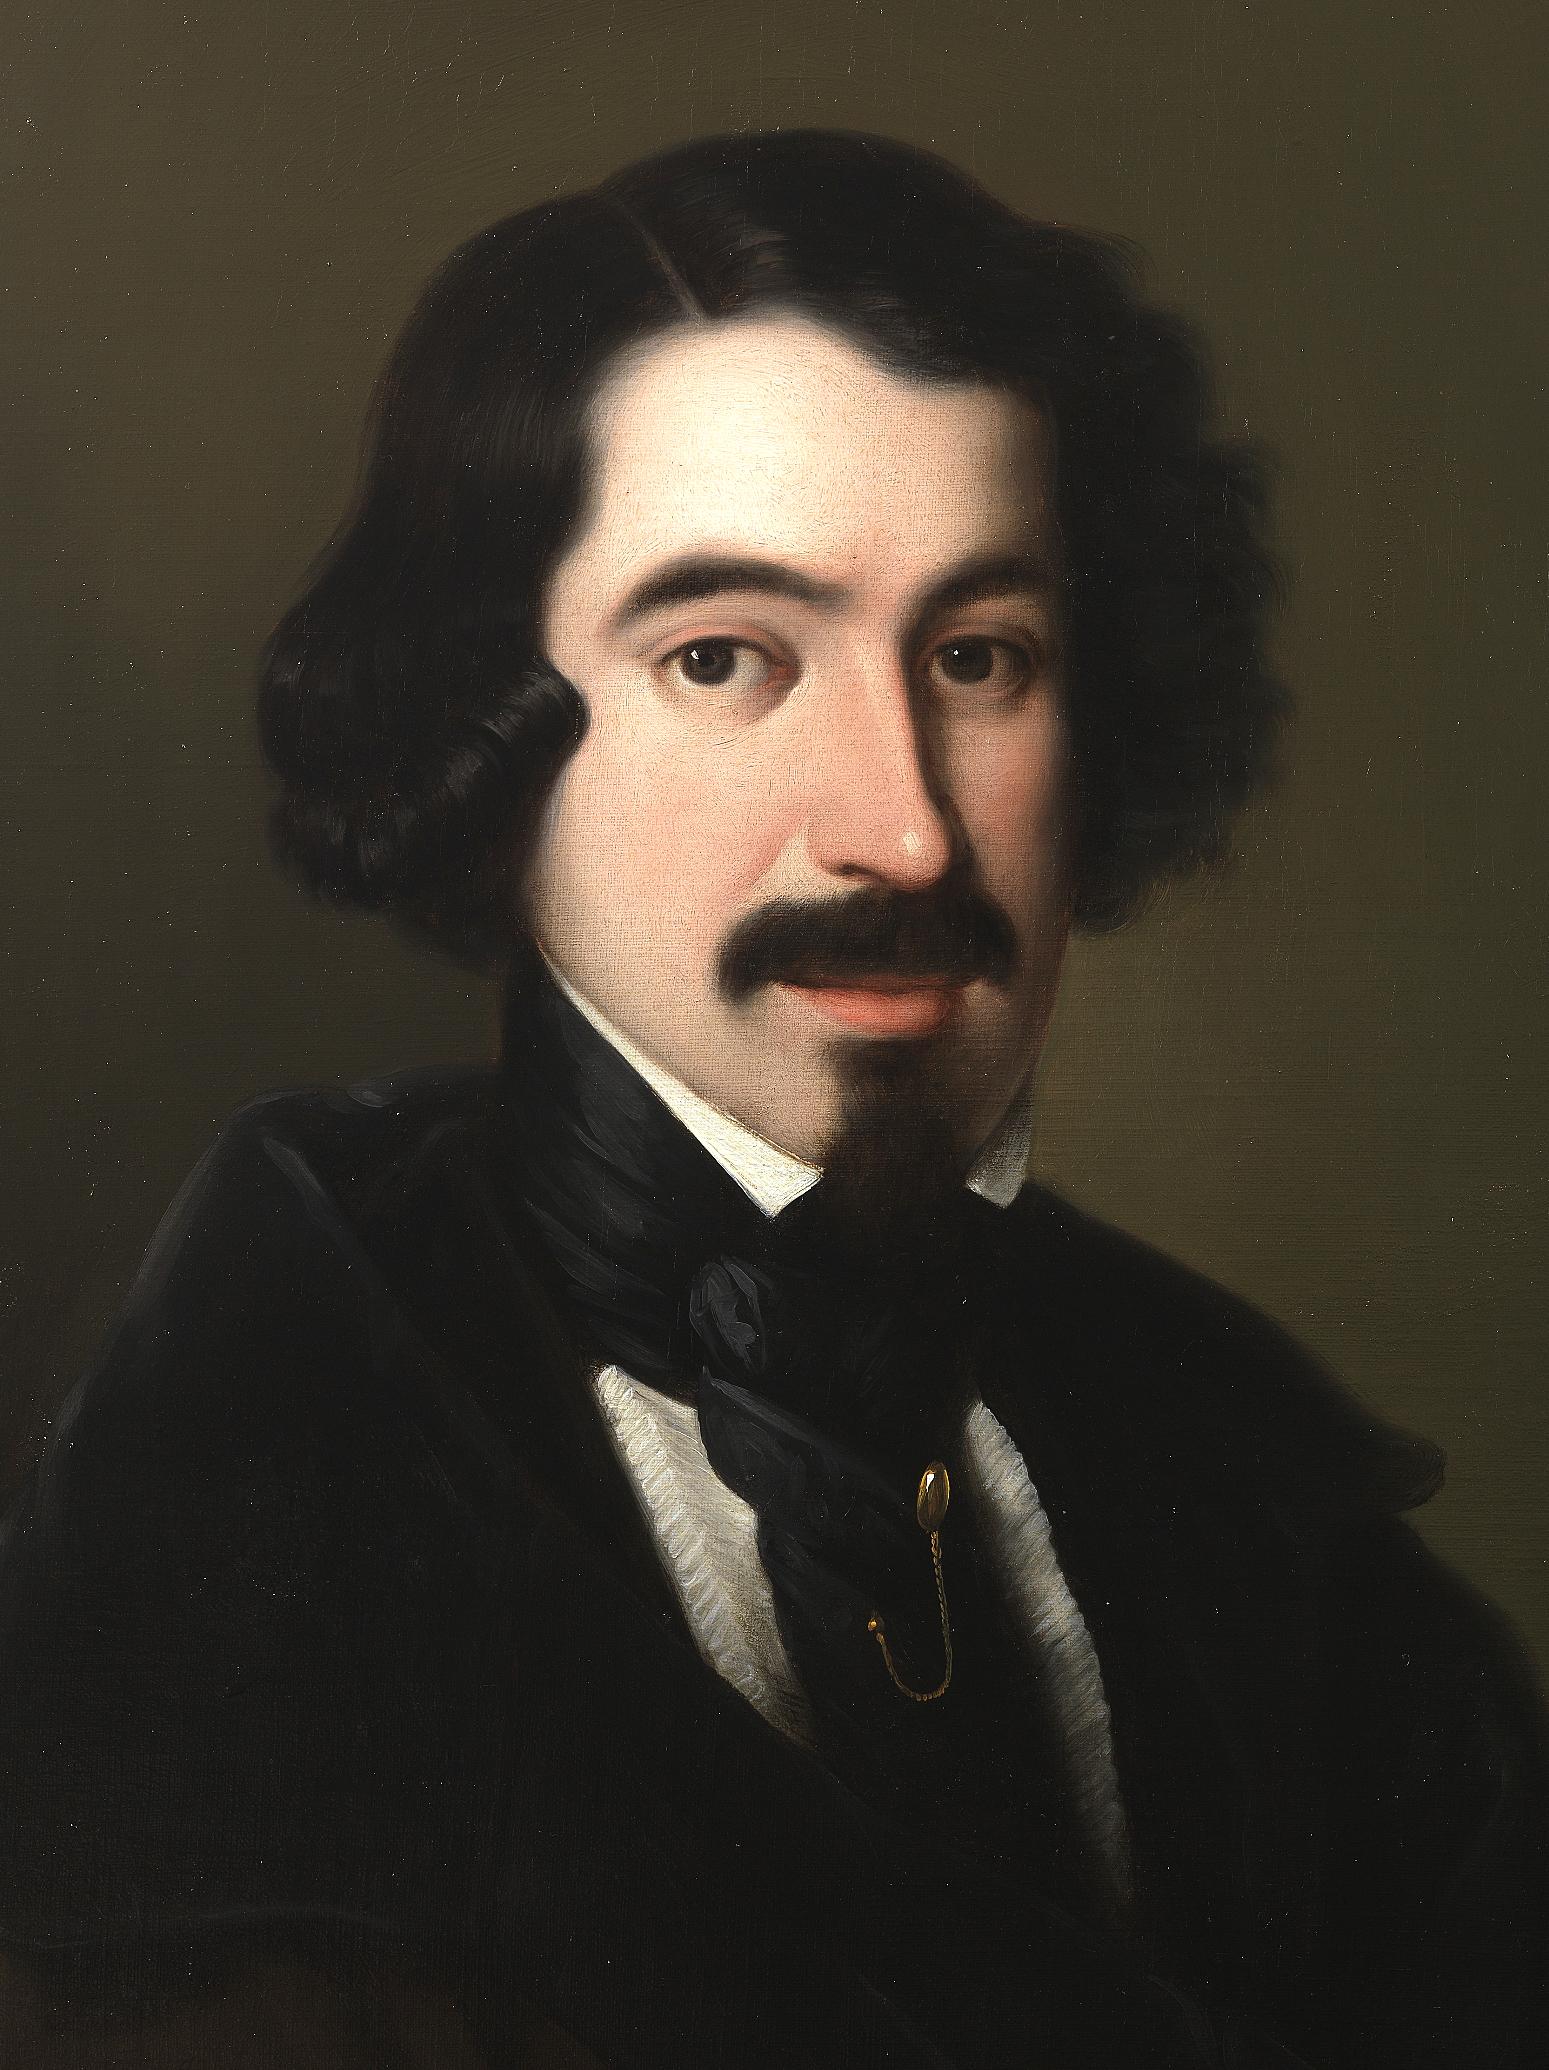 ''José de Espronceda'', por Antonio María Esquivel. Ca. 1842-1846. (Museo del Prado, Madrid).